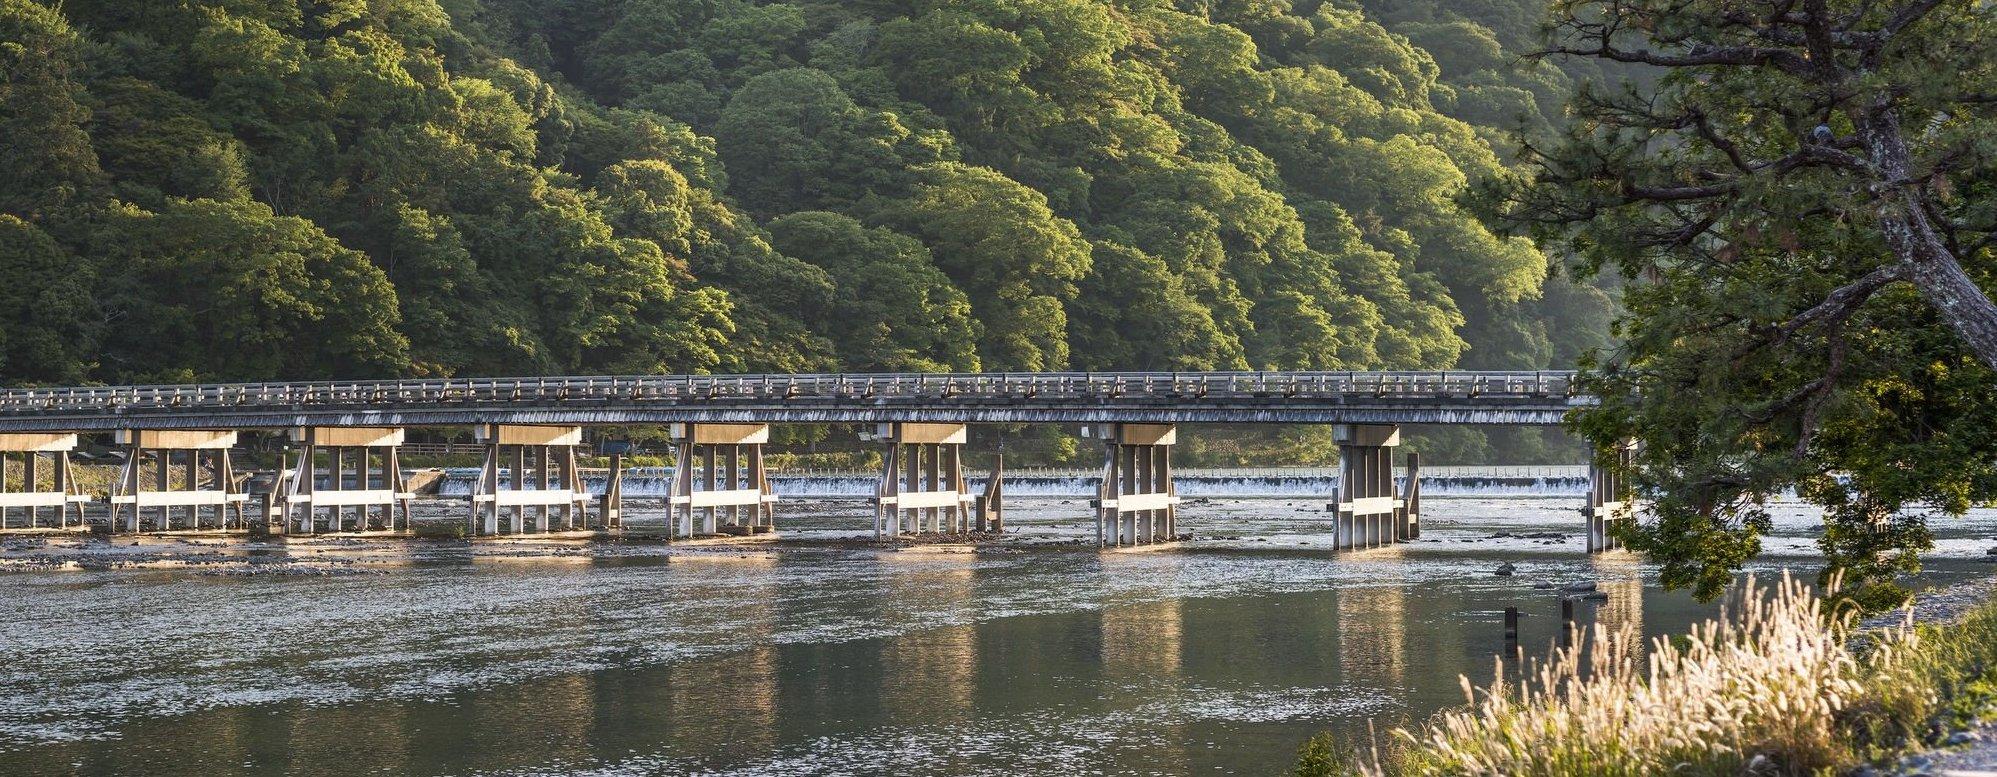 Togetsu-Kyo-bridge-kyoto